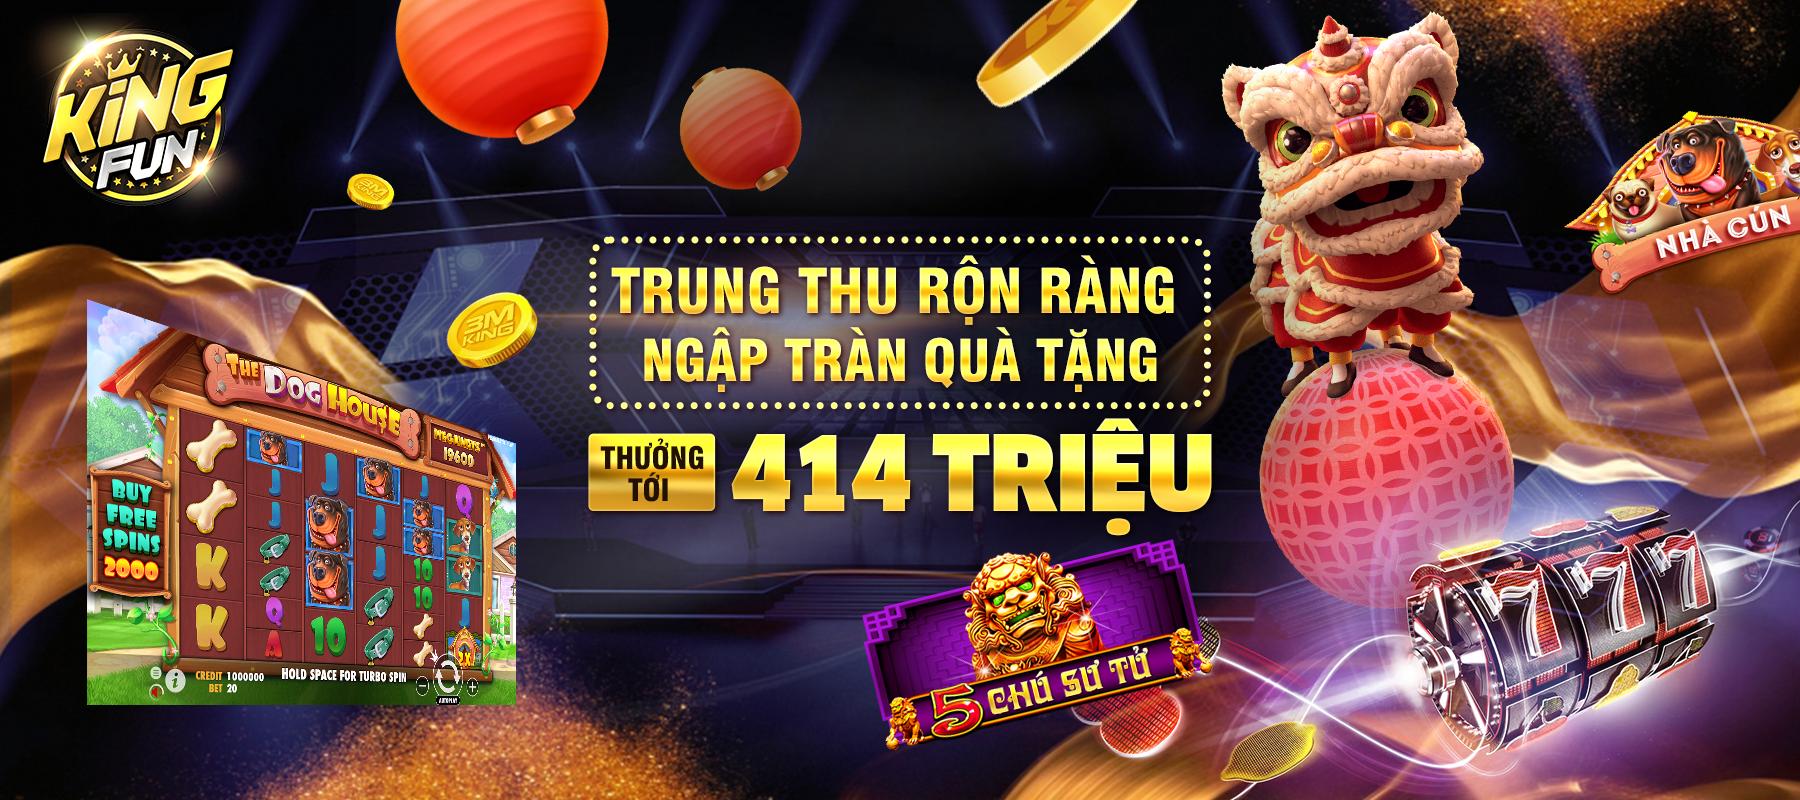 KingFun ra mắt 17 slot game mới: ĐẸP - ĐỘC - LẠ 14